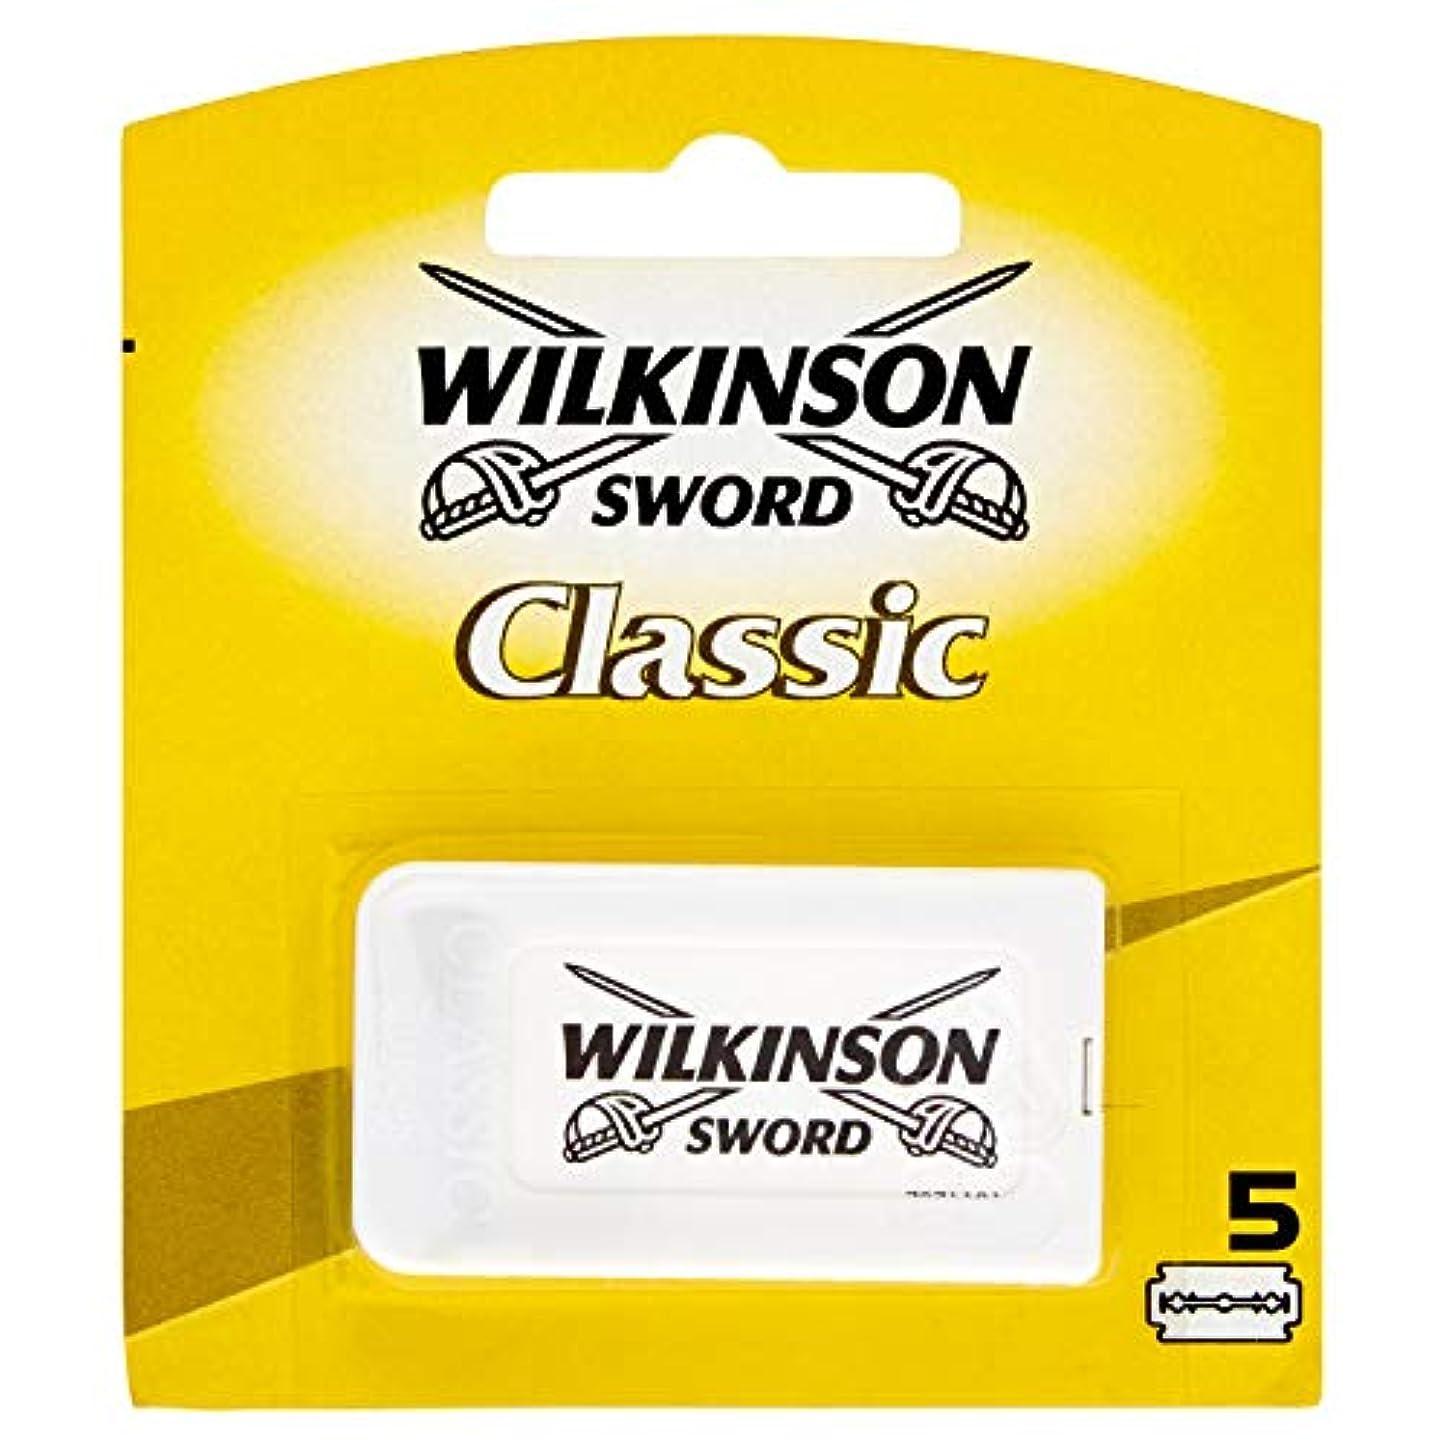 政治偽善者シートWilkinson Sword(ウィルキンソンソード) Classic 両刃替刃 5個入り [並行輸入品]